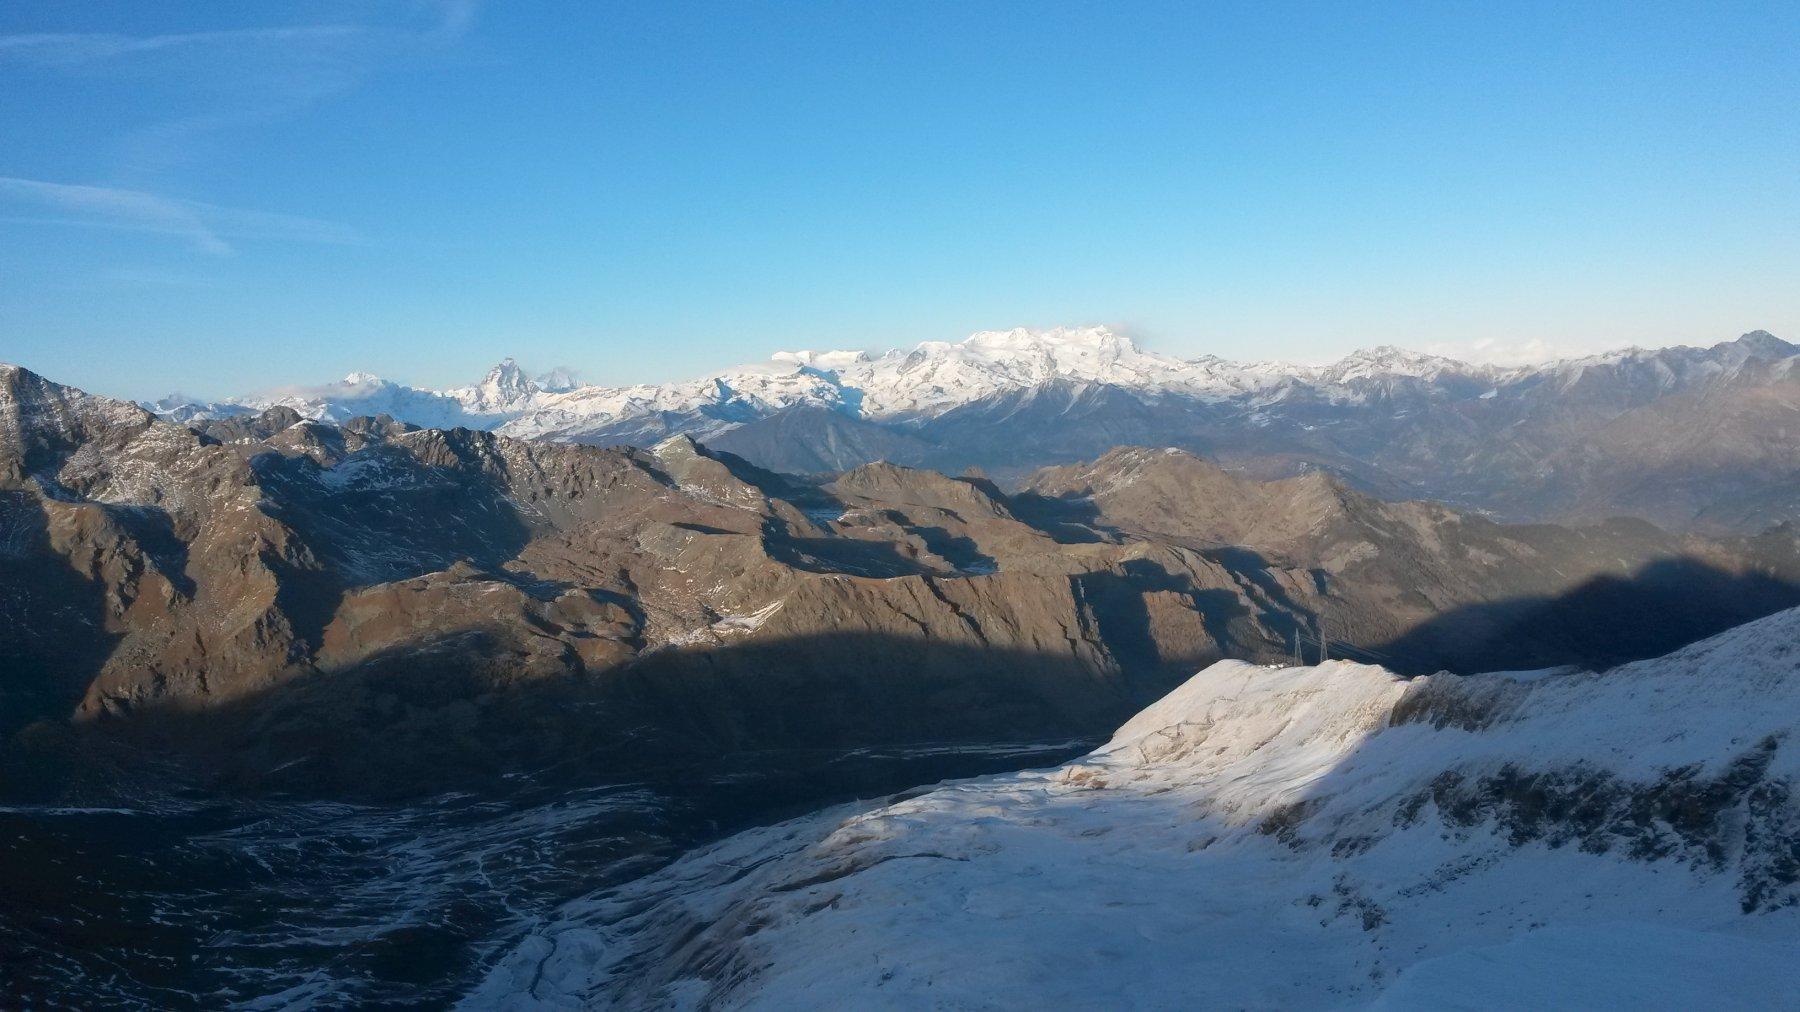 dalla cima si vede quasi tutto il percorso di salita dal parcheggio (sullo sfondo Cervino e Monte Rosa)